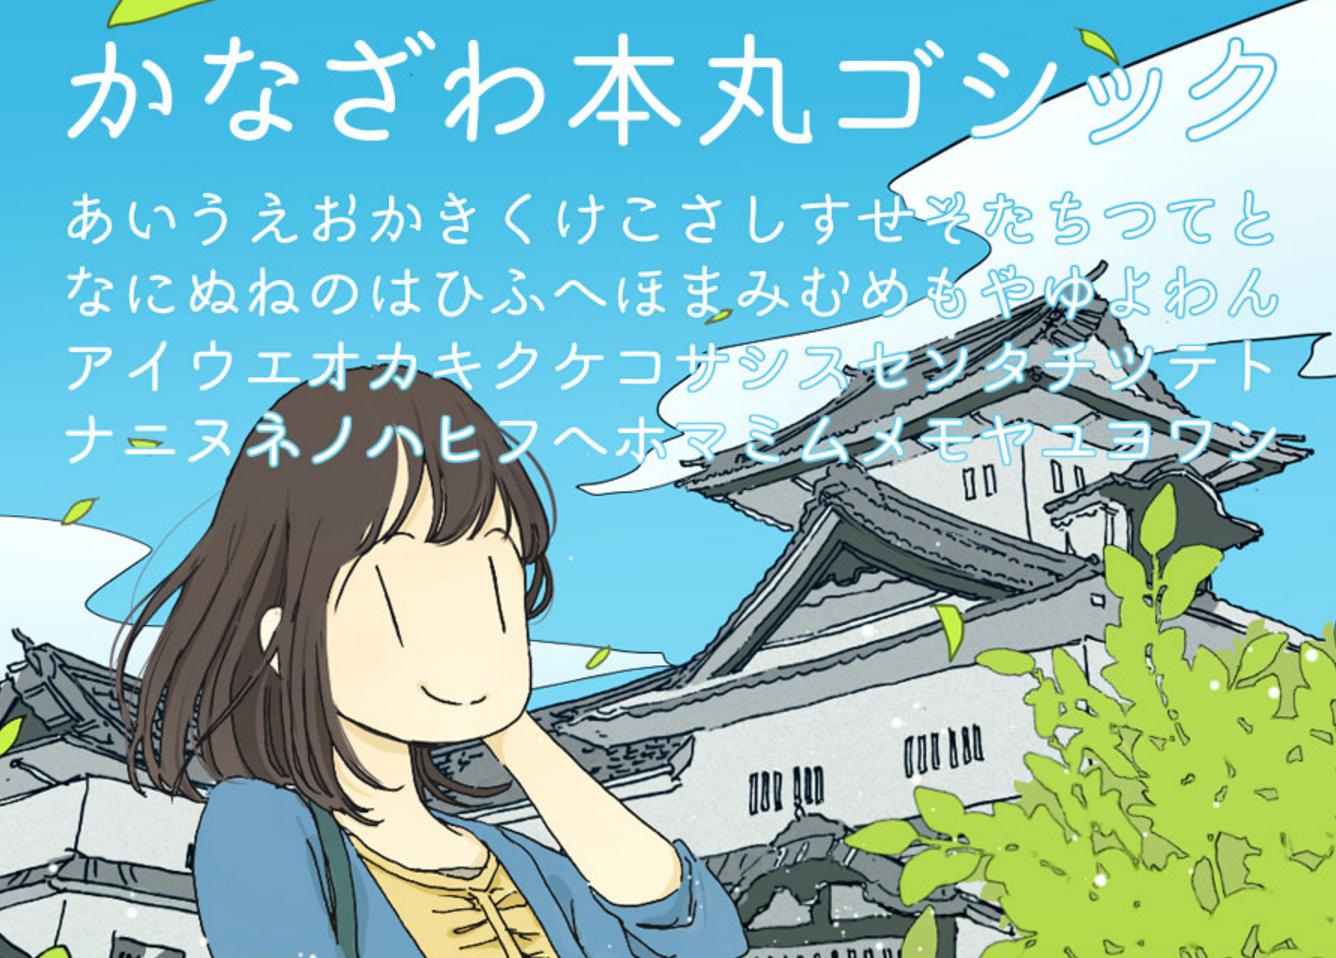 かわいいの日本語フォント一覧 フォントフリー - part 4